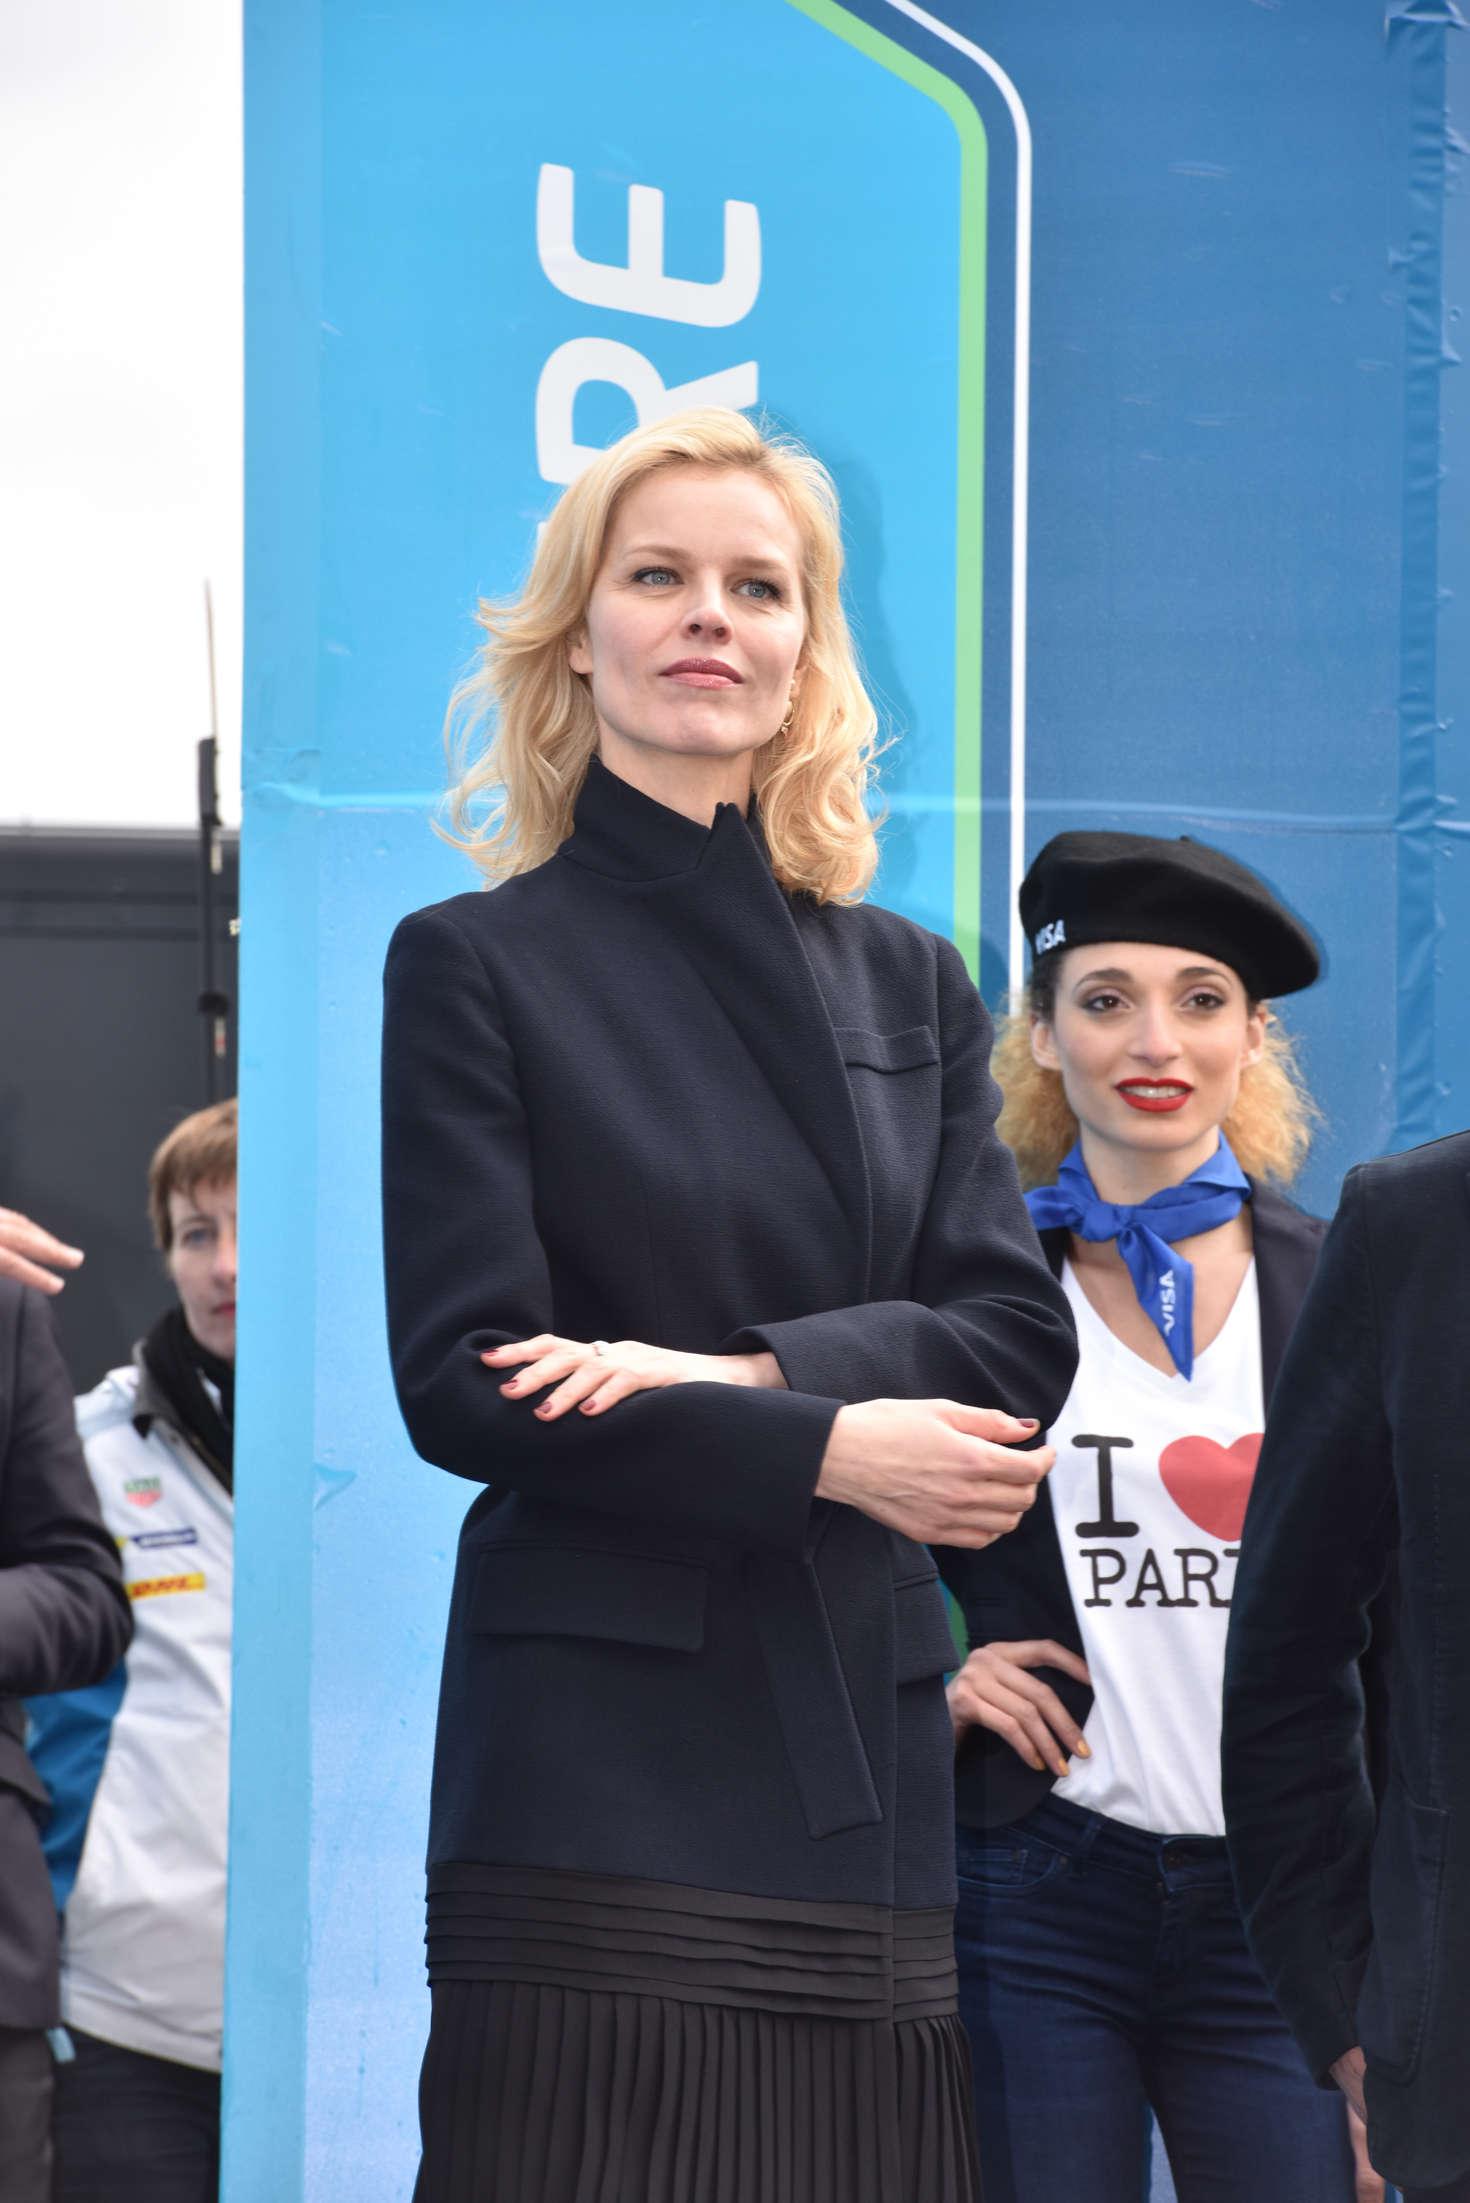 Eva Herzigova at Formula E Race in Paris